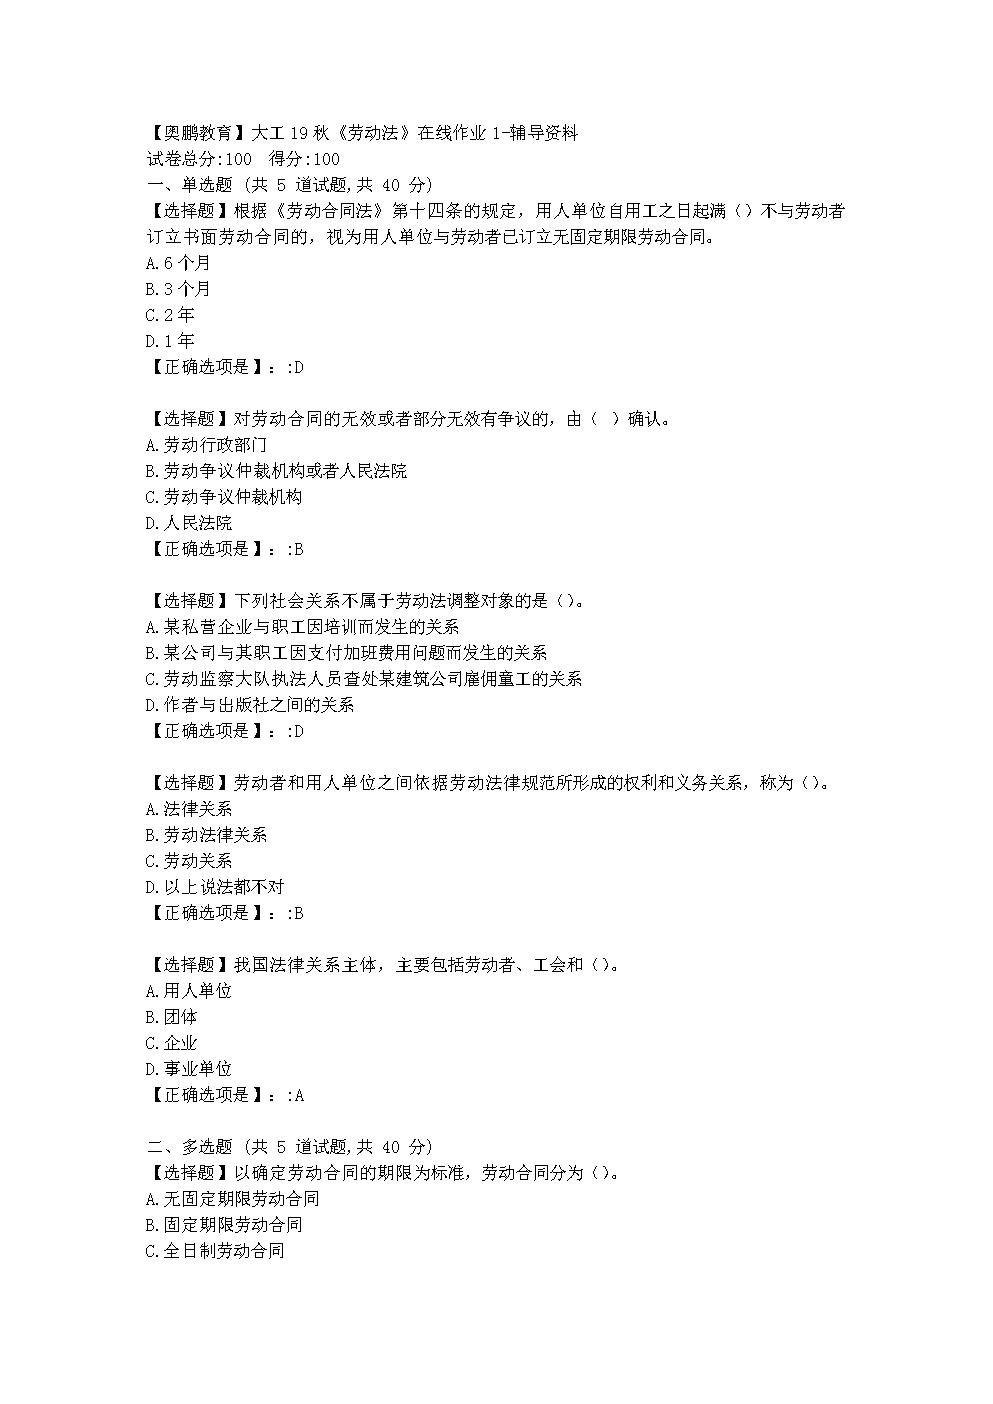 大连理工大学19秋《劳动法》在线作业1学习资料.doc